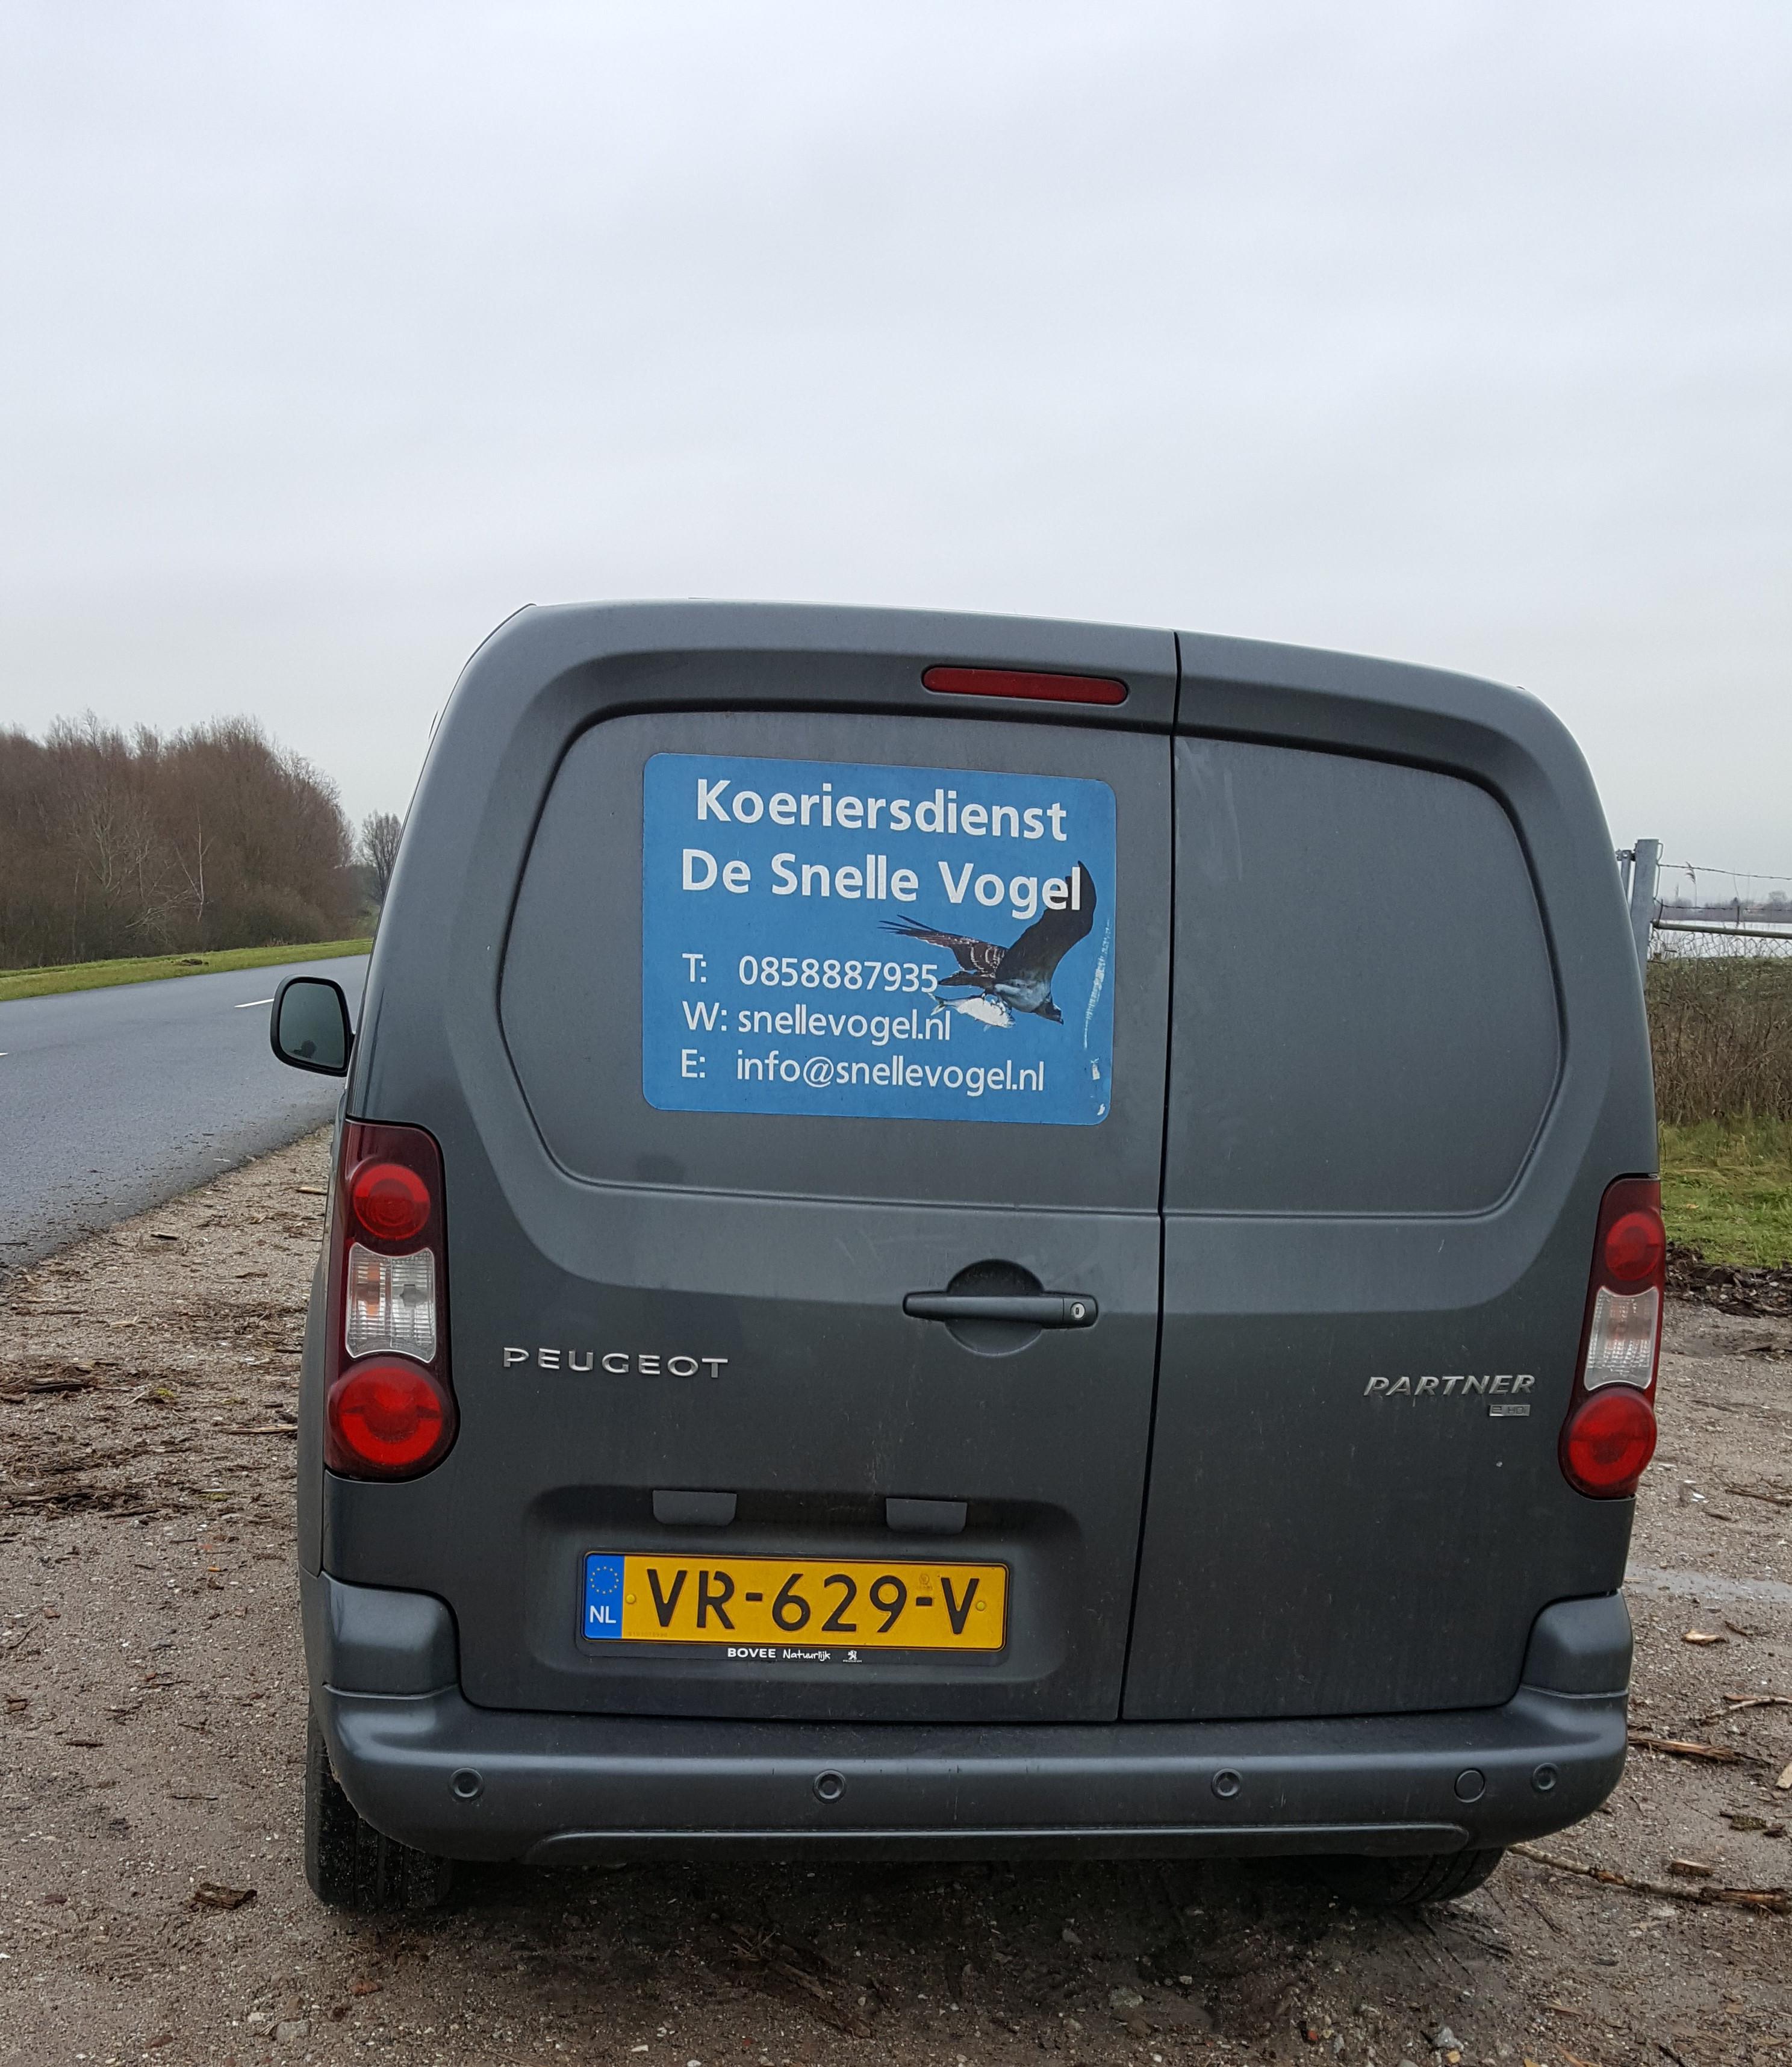 Koeriersdienst De Snelle Vogel heeft ook een postbusservice in Amersfoort, Utrecht, Amsterdam en Leiden